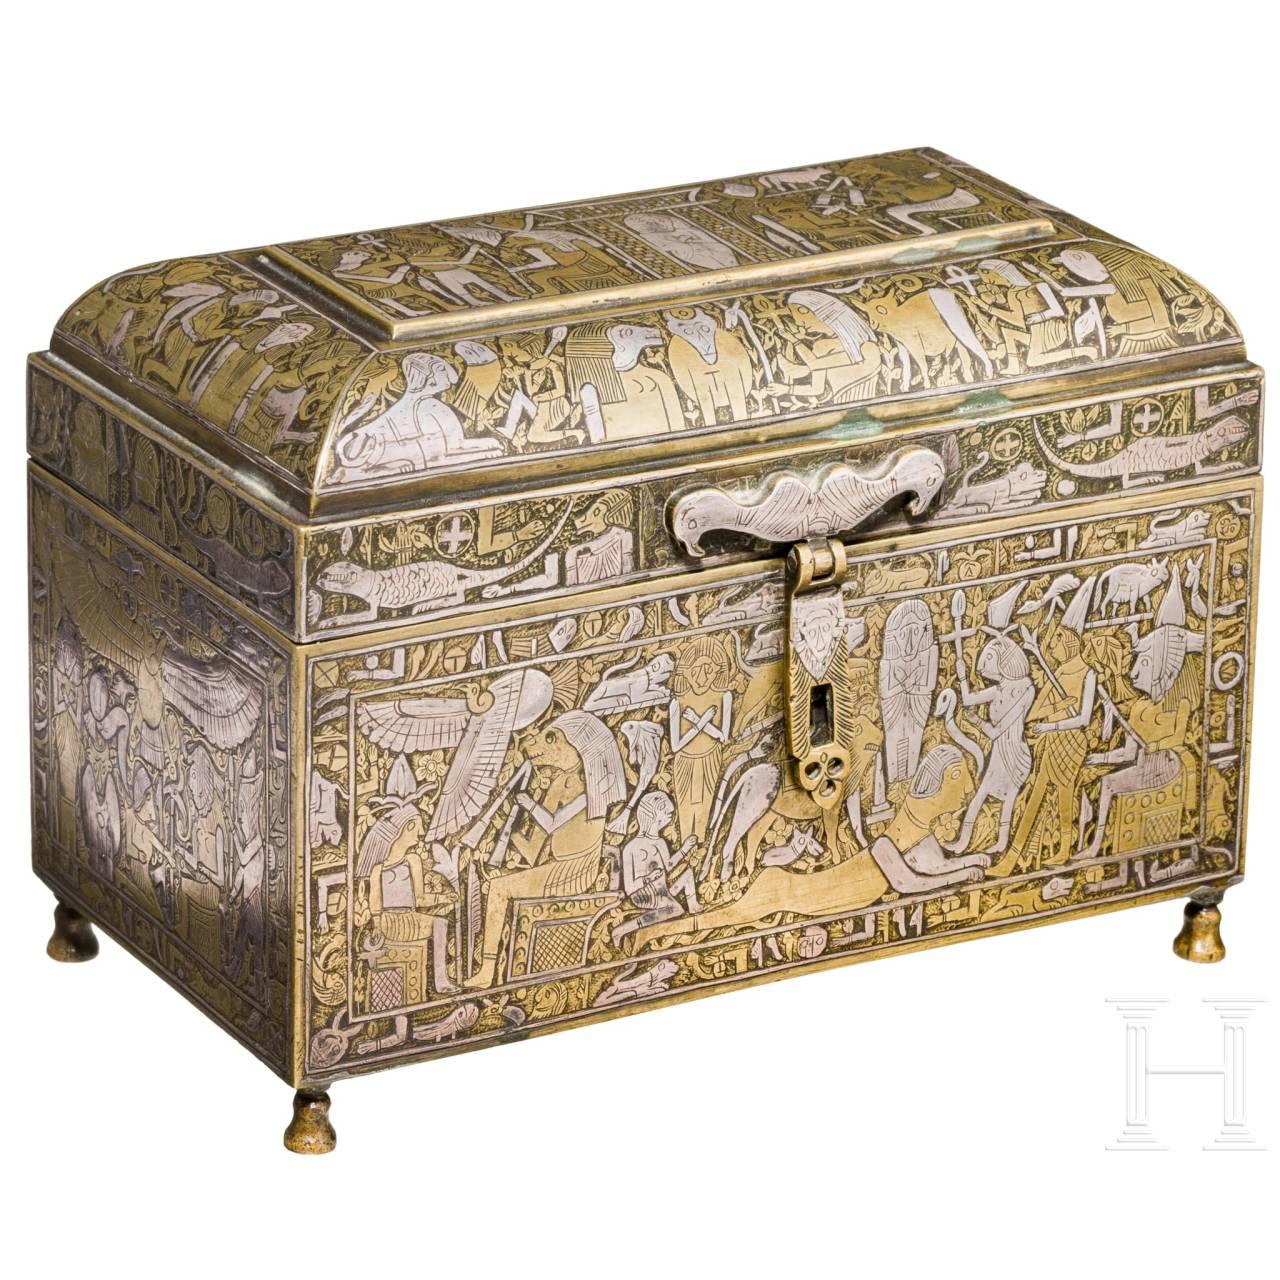 Außergewöhnliches Kästchen im Stil der Retoure d'Egypte, Frankreich, 19. Jhdt.